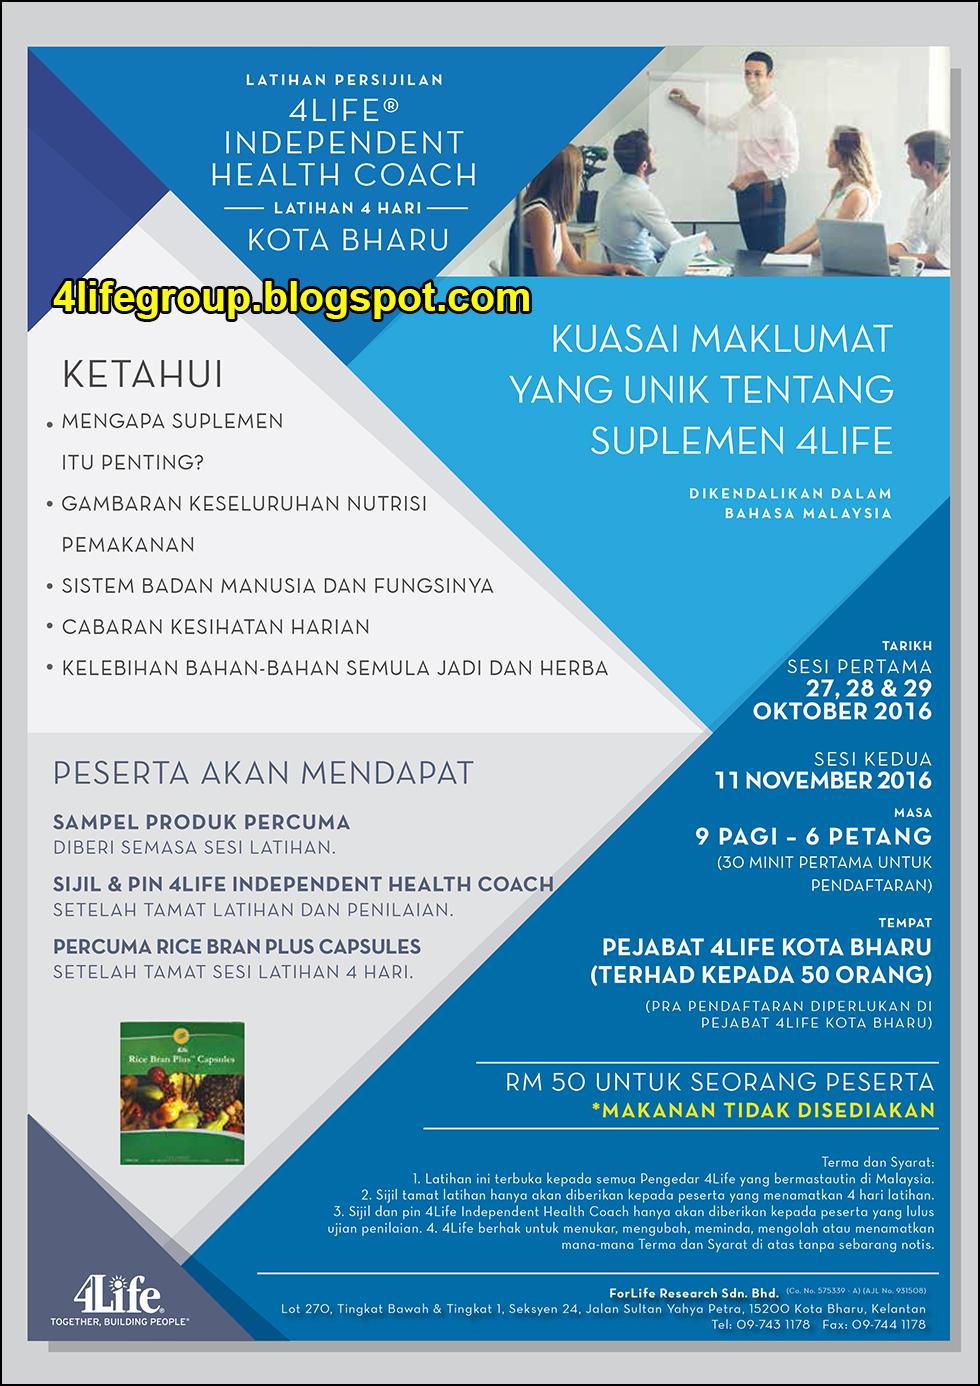 foto Latihan Persijilan 4Life Independent Health Coach @ Kota Bharu